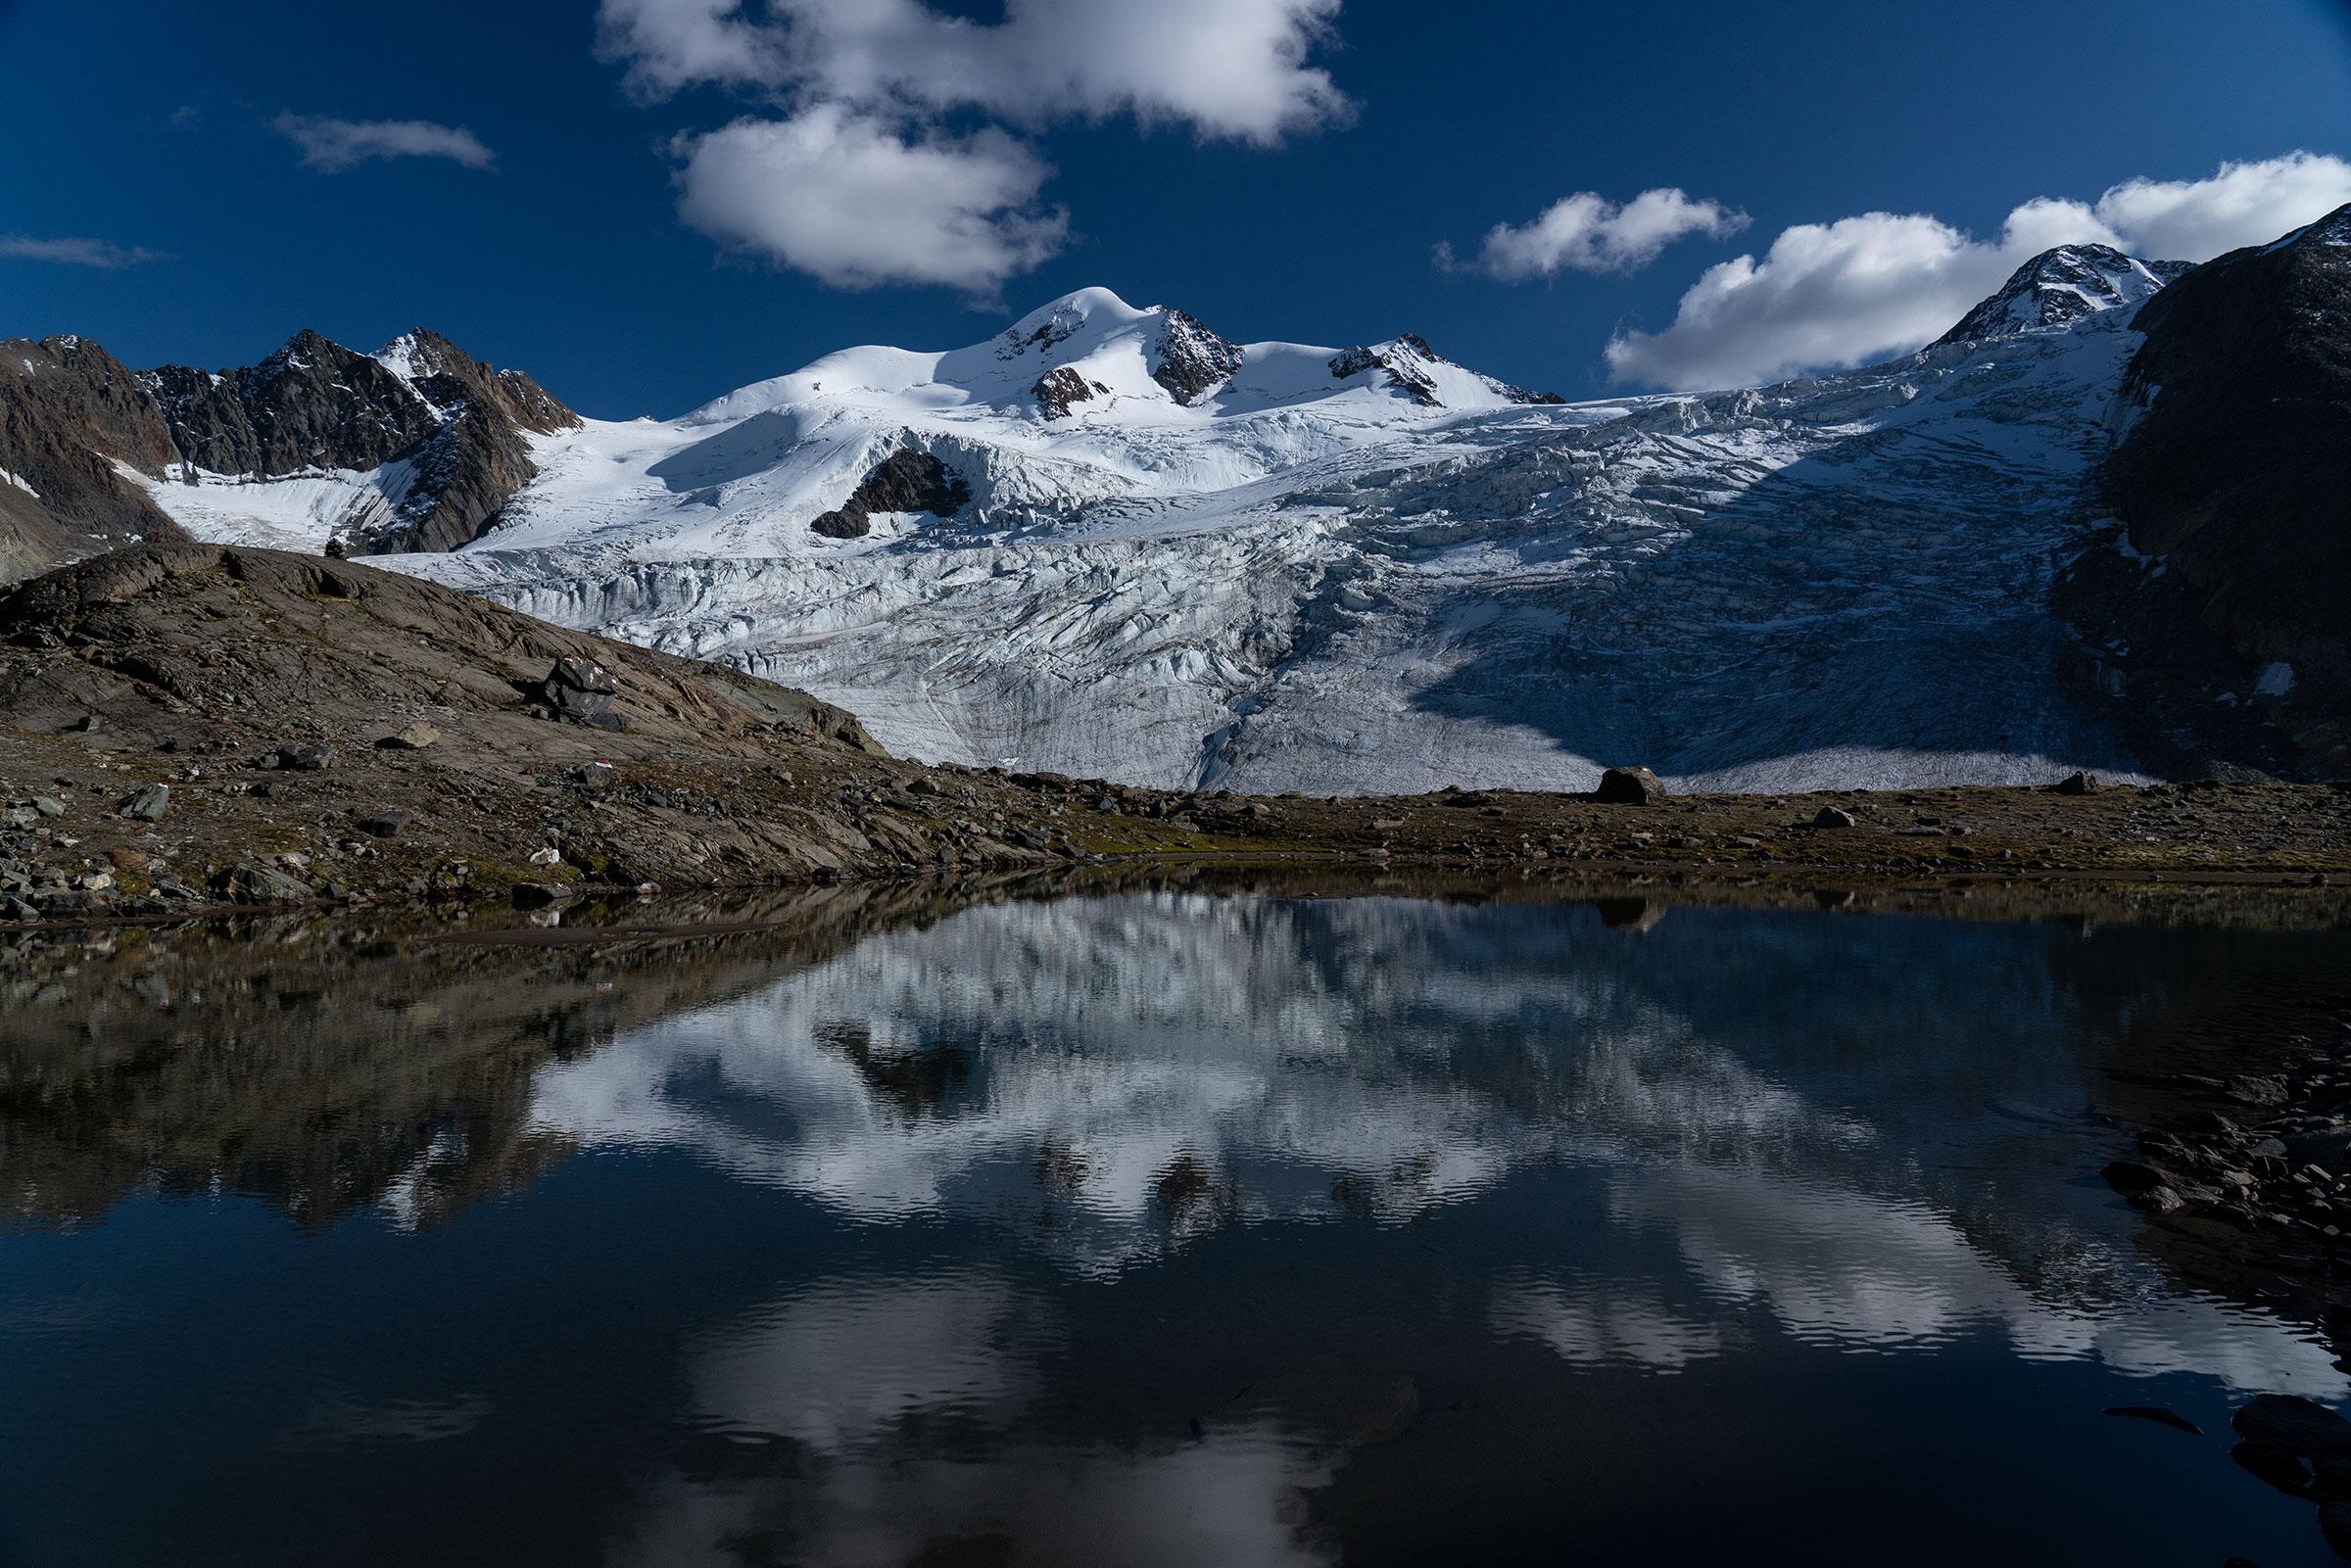 Wildspitze mit See im Vordergrund - Ötztaler Gletscher